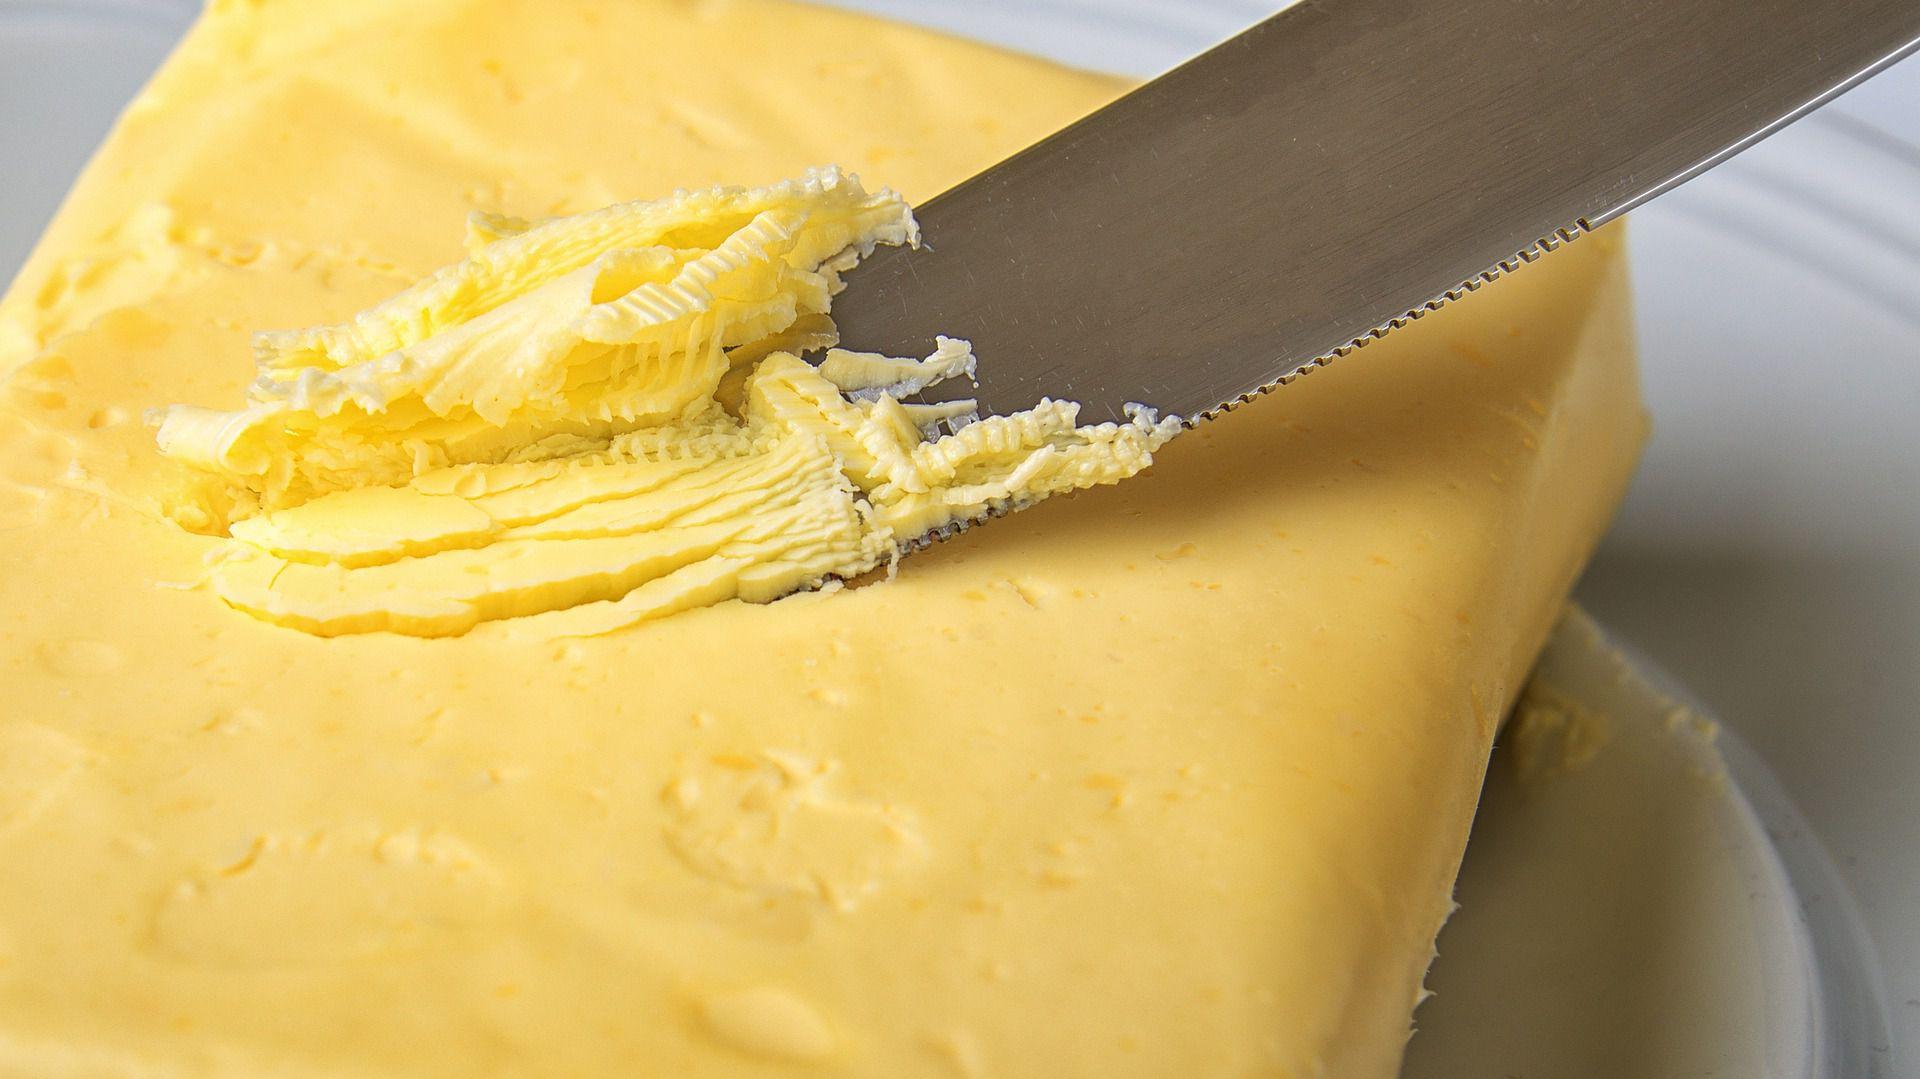 Ne nasedajte marketinškim trikom! Etiketa »brez laktoze« na embalaži masla je oglaševalska poteza, saj vsa masla vsebujejo na 100 gramov manj kot 0,1 gram laktoze – kar je meja za to, da lahko proizvajalec označi izdelek kot brezlaktozen.